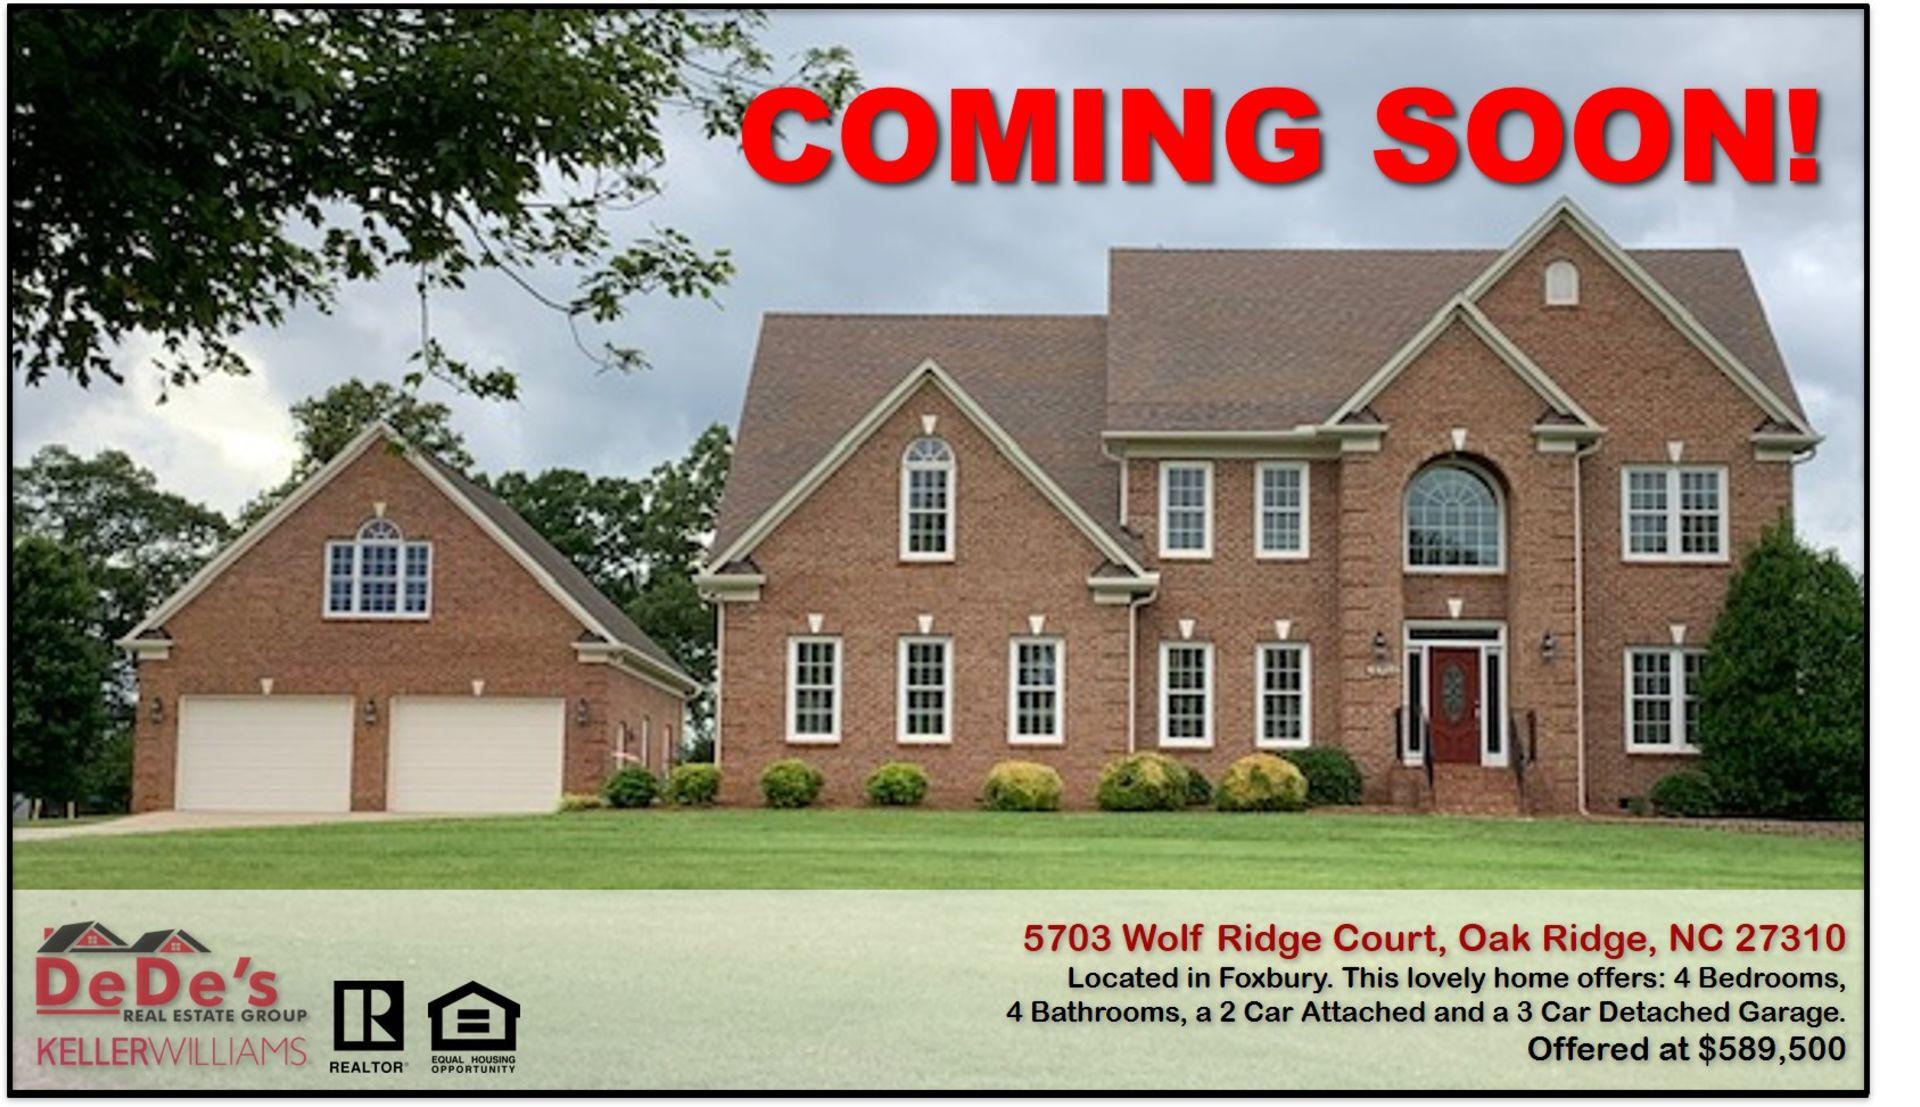 Coming Soon in Oak Ridge, NC!